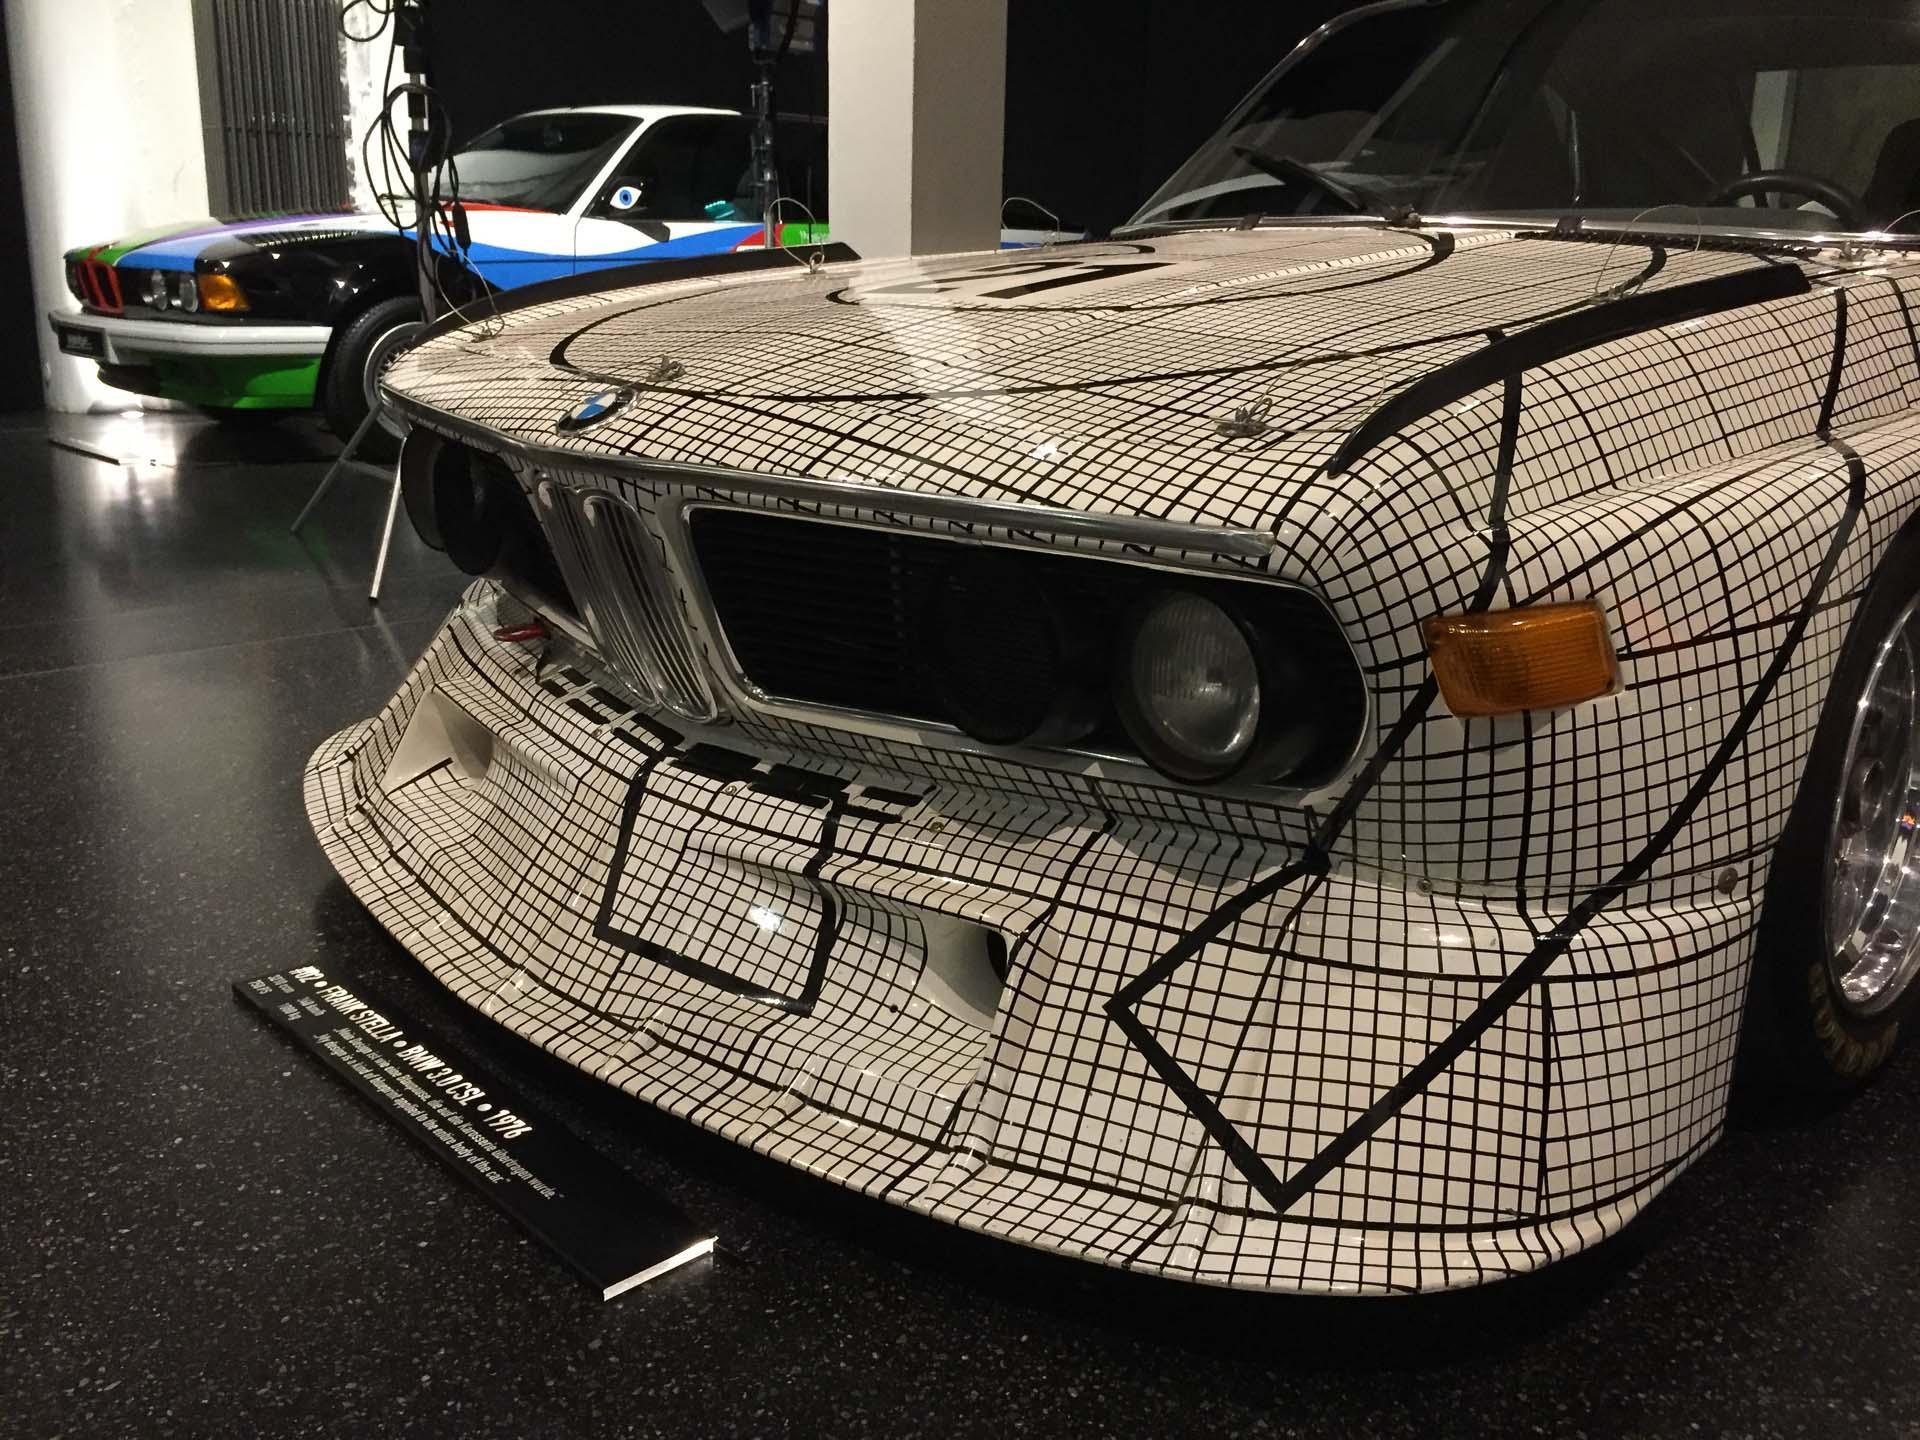 1976 BMW 3.0 CSL, Frank Stella